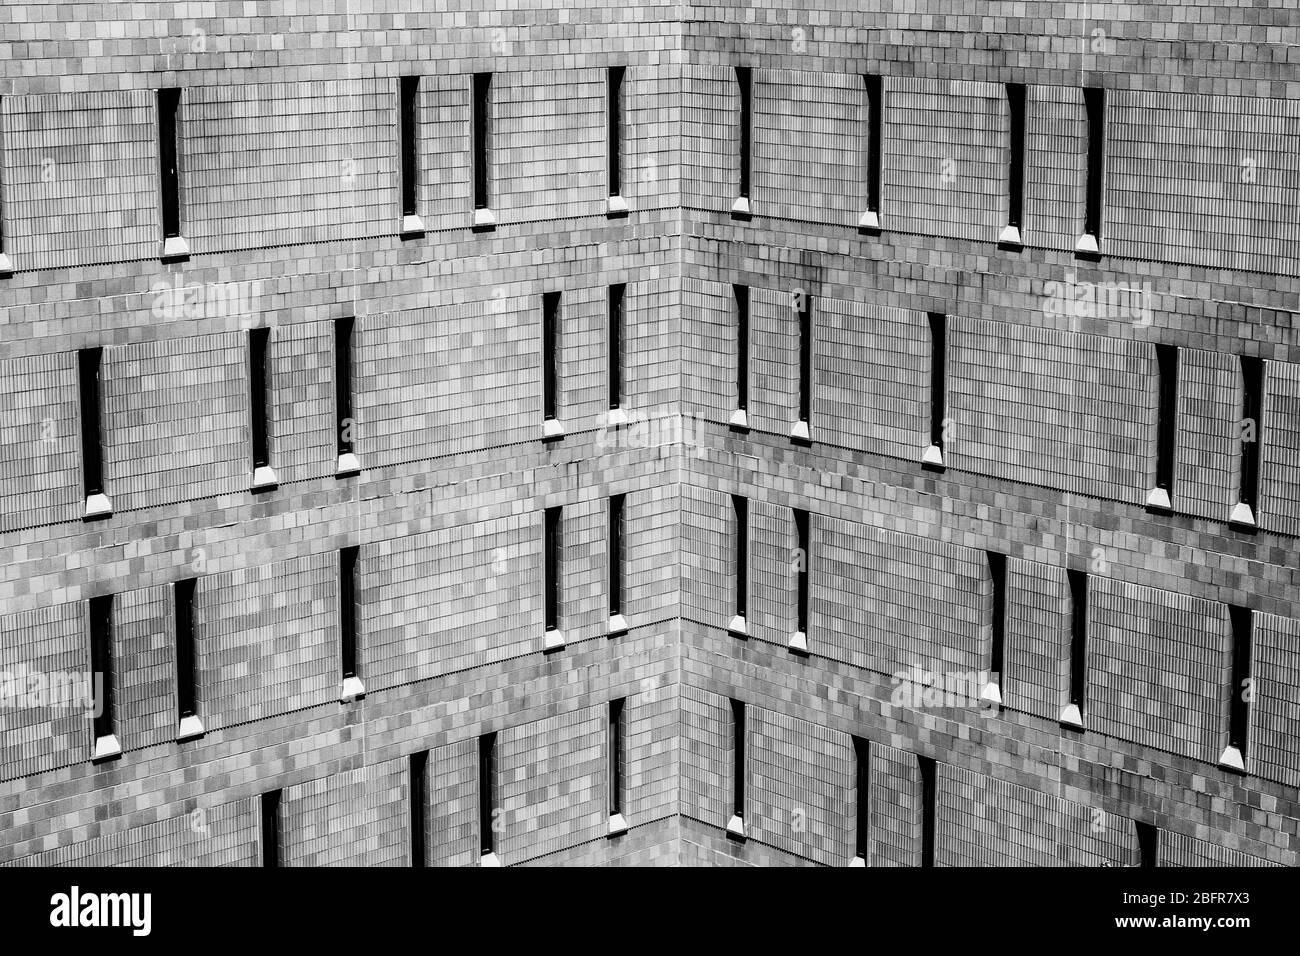 Exterior de ladrillo duro en la cárcel o en la prisión. Las ventanas delgadas permiten entrar un mínimo de luz y ofrecen la máxima seguridad. Foto de stock